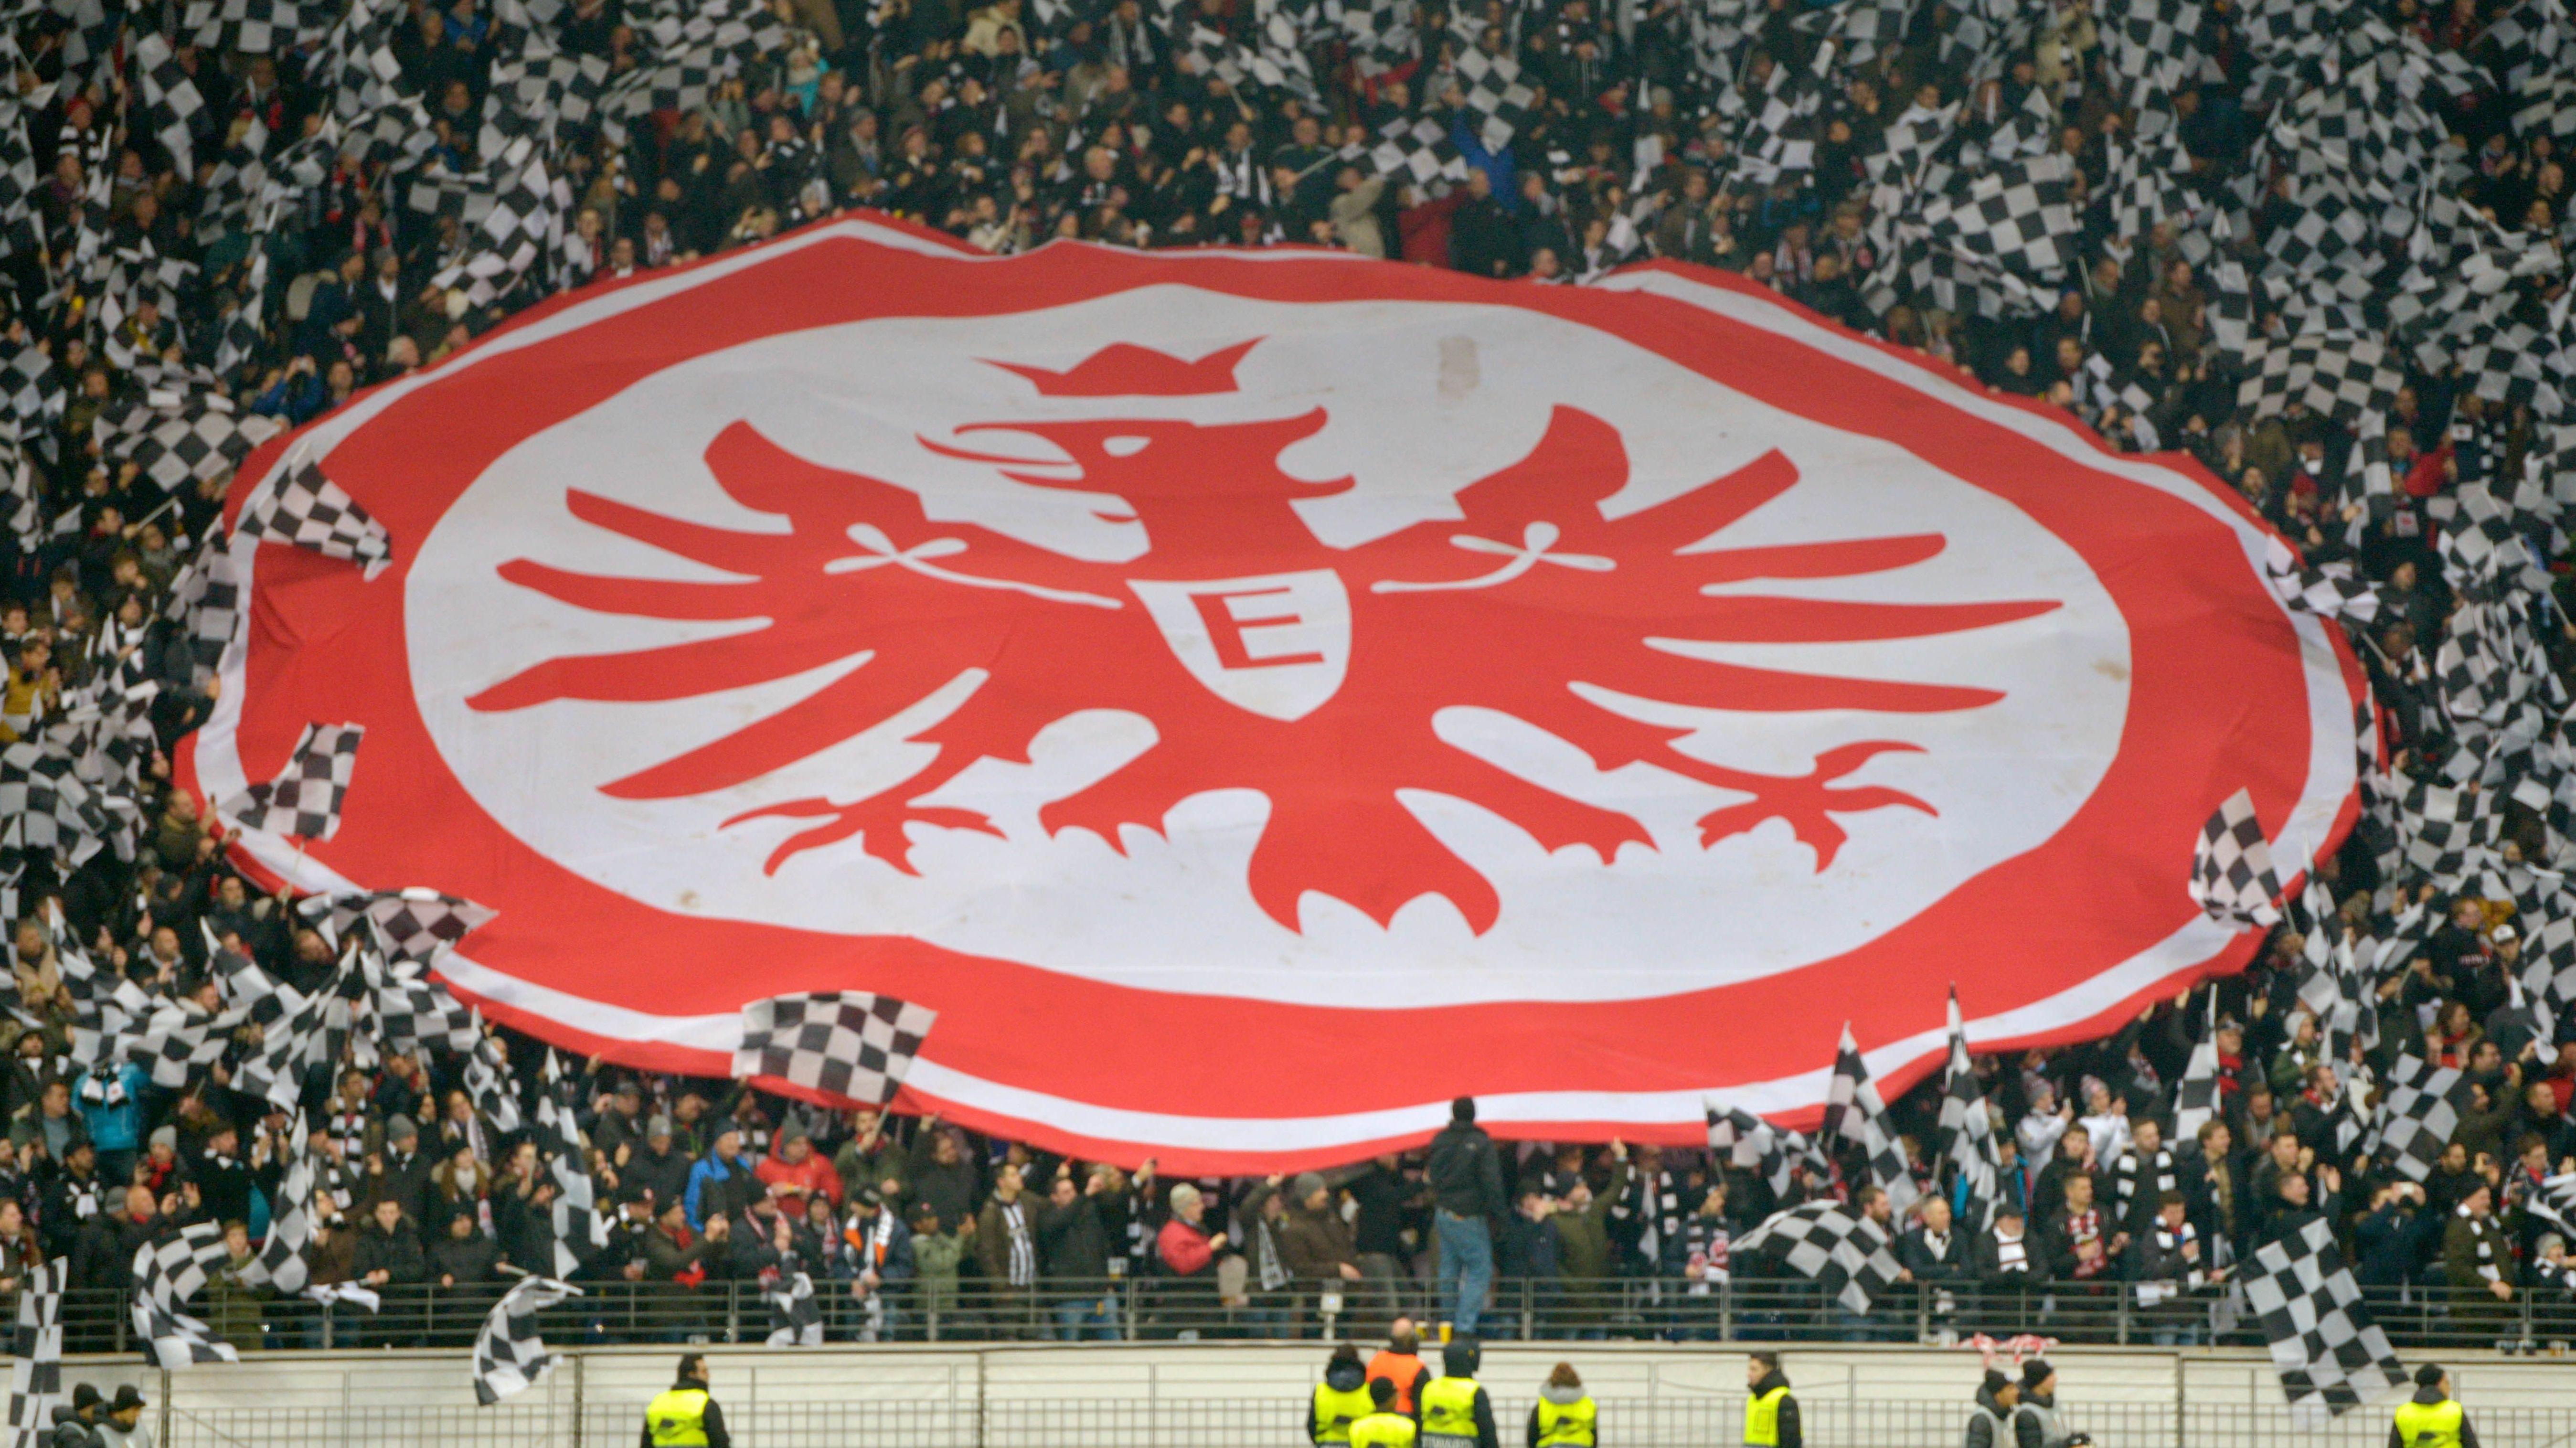 Vereinszeichen der Eintracht Frankfurt